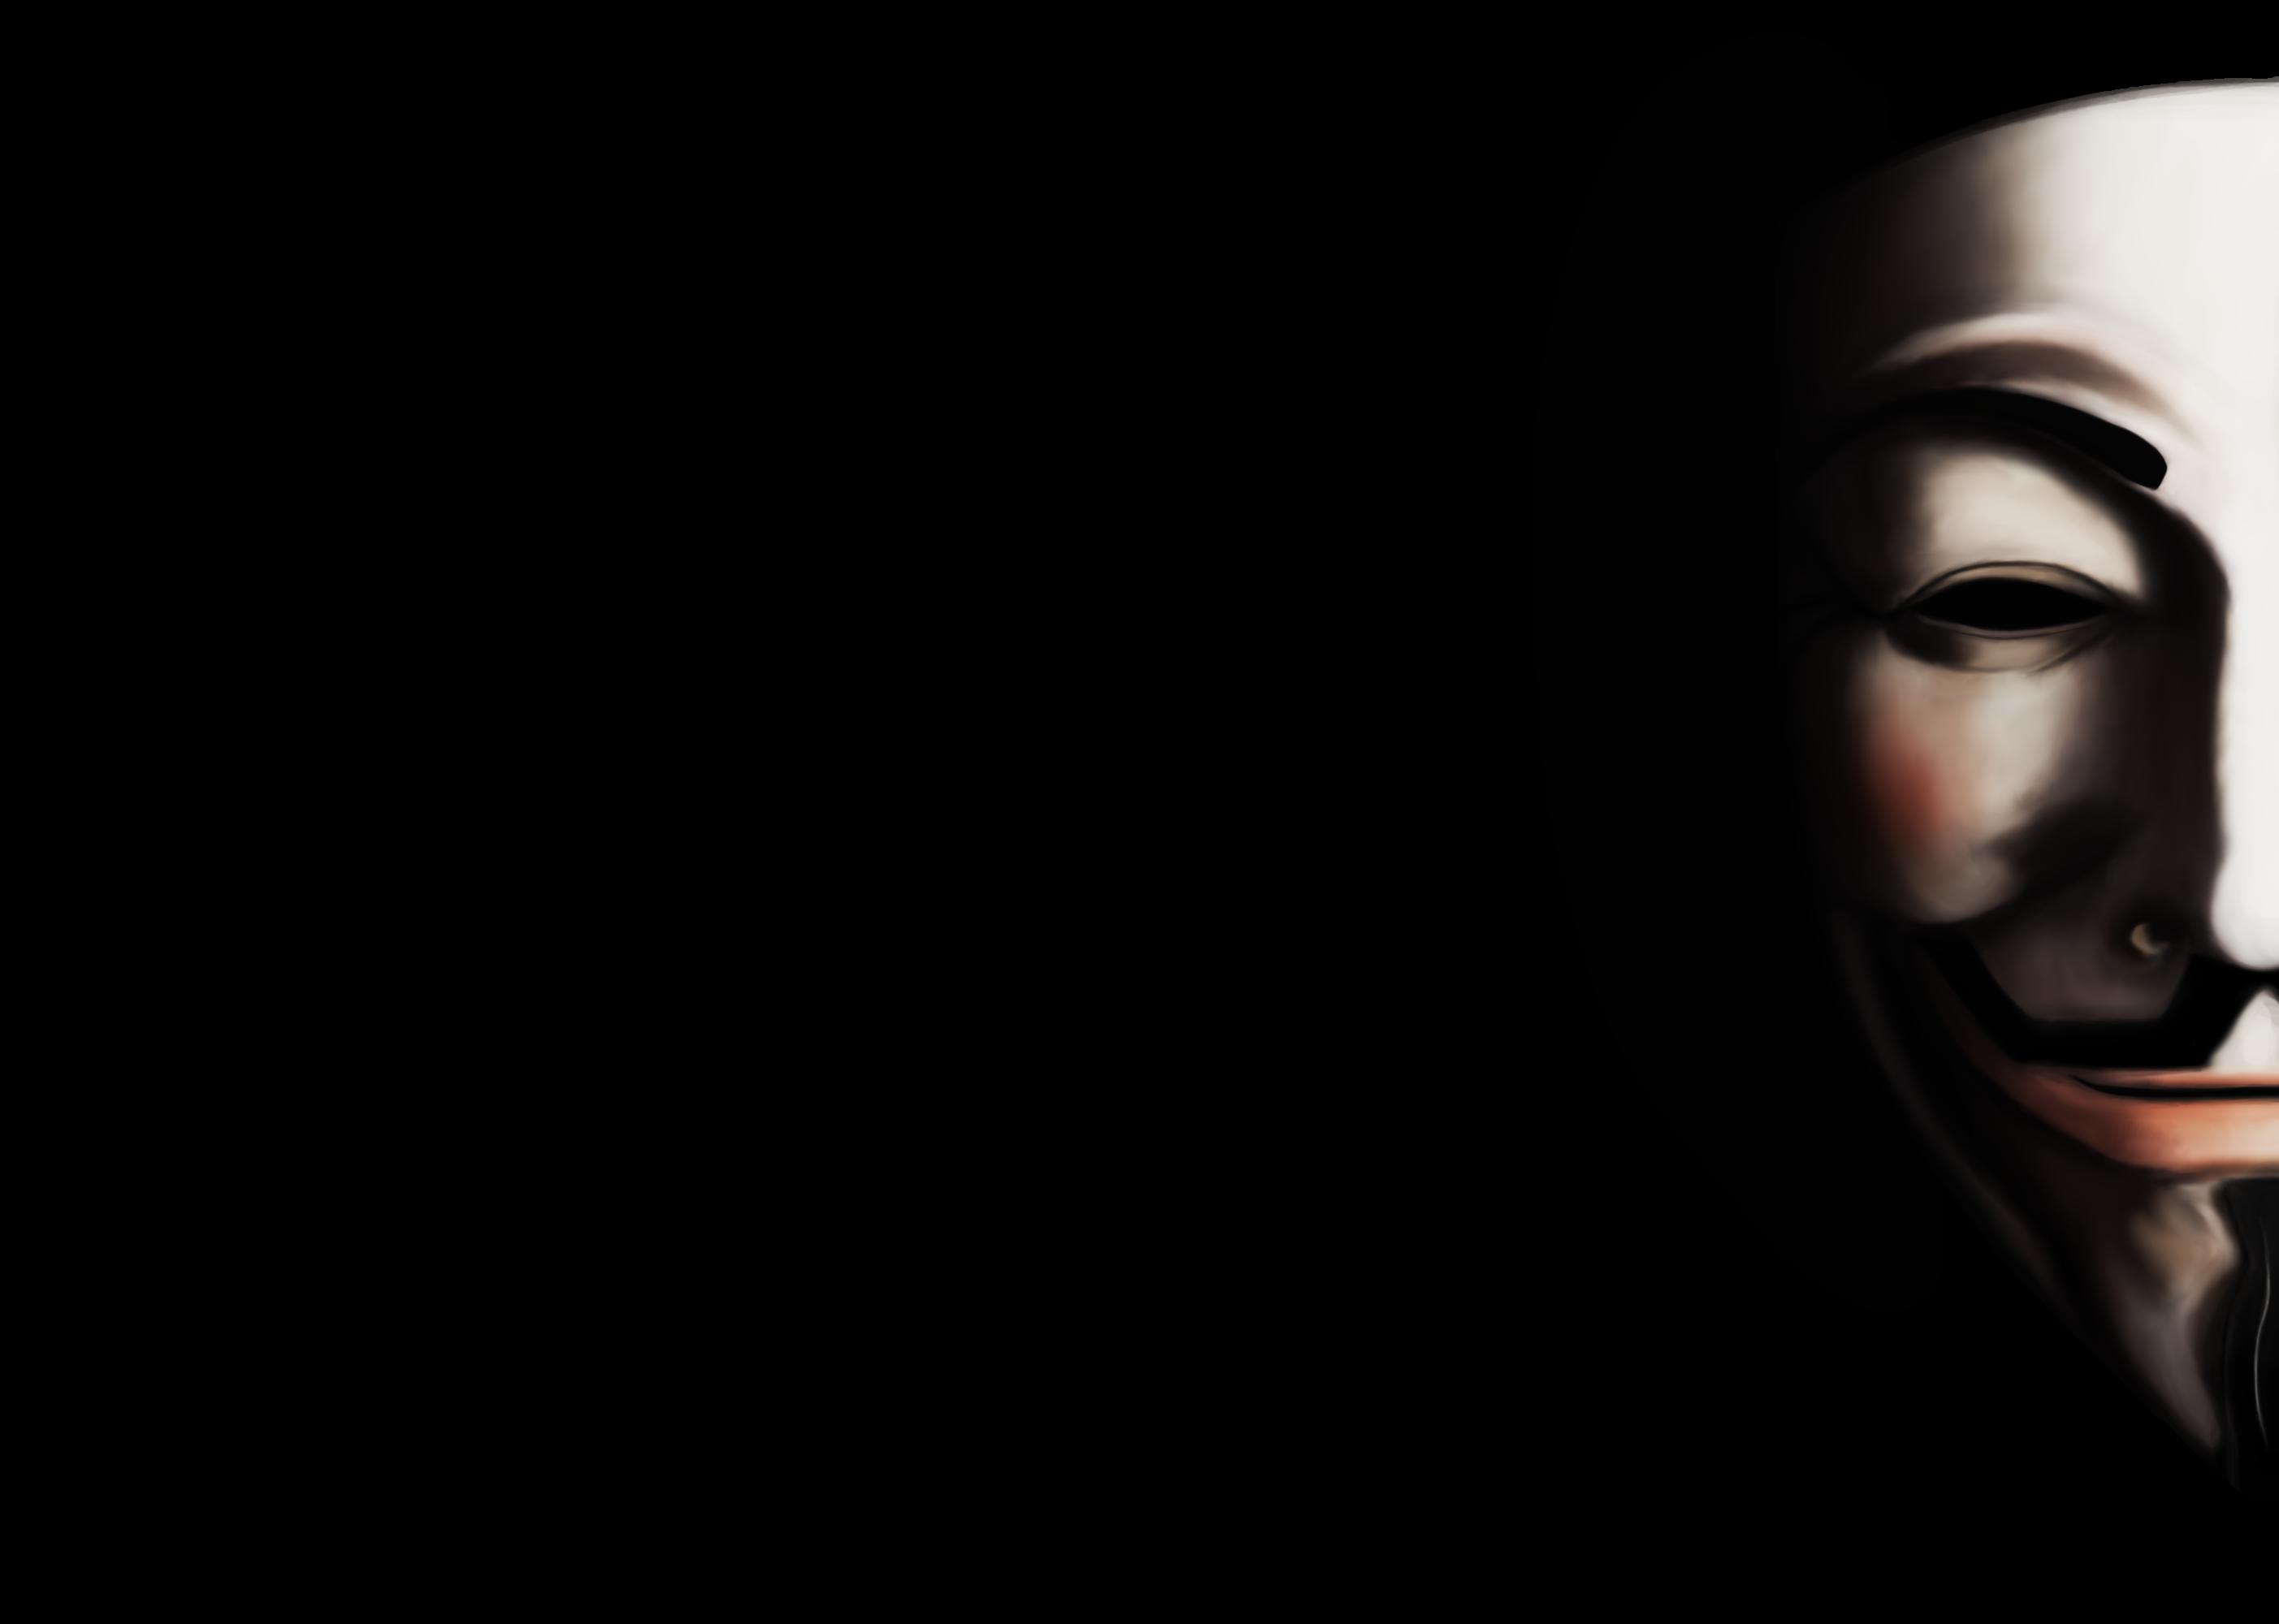 V For Vendetta Painting for vendetta by hmajr ...